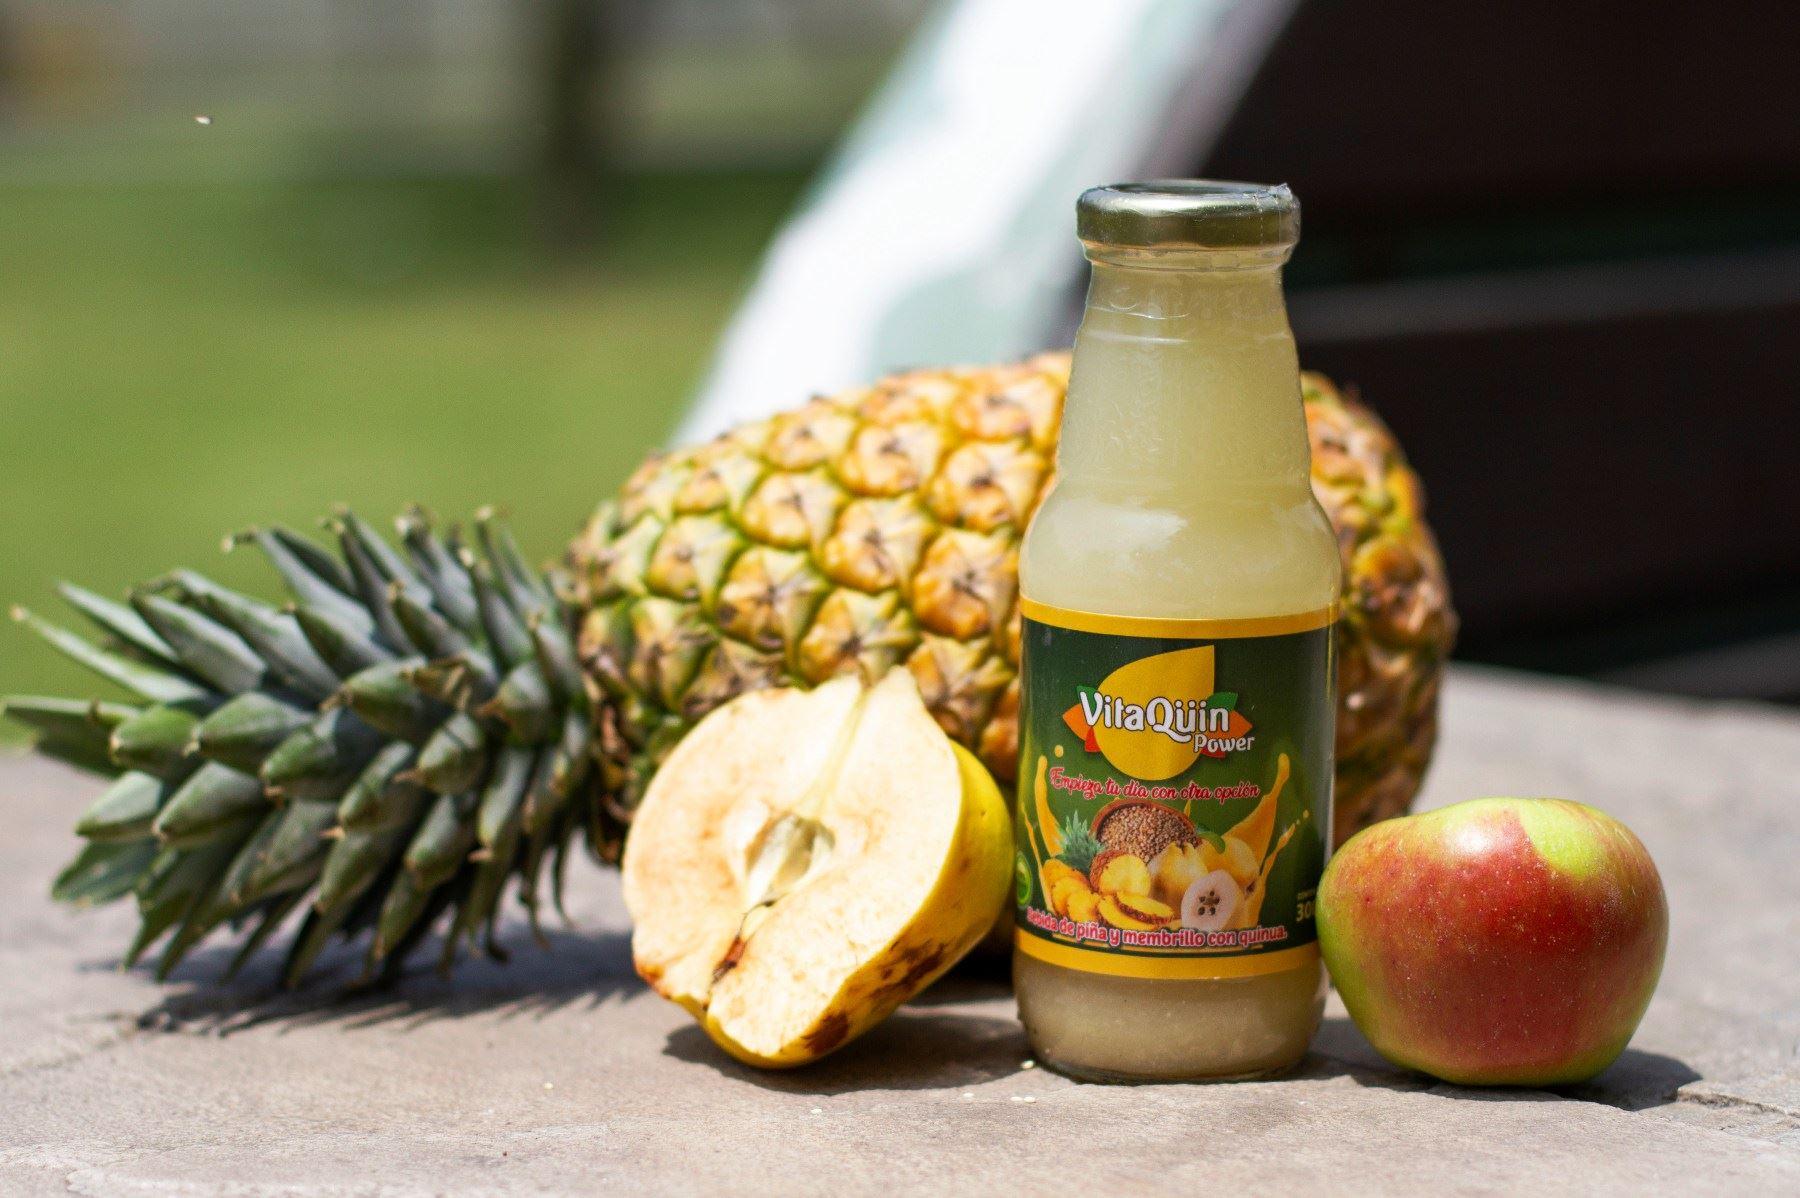 VitaQüin Power: la bebida de quinua, piña y membrillo creada gracias a Beca 18. Foto: ANDINA/Difusión.